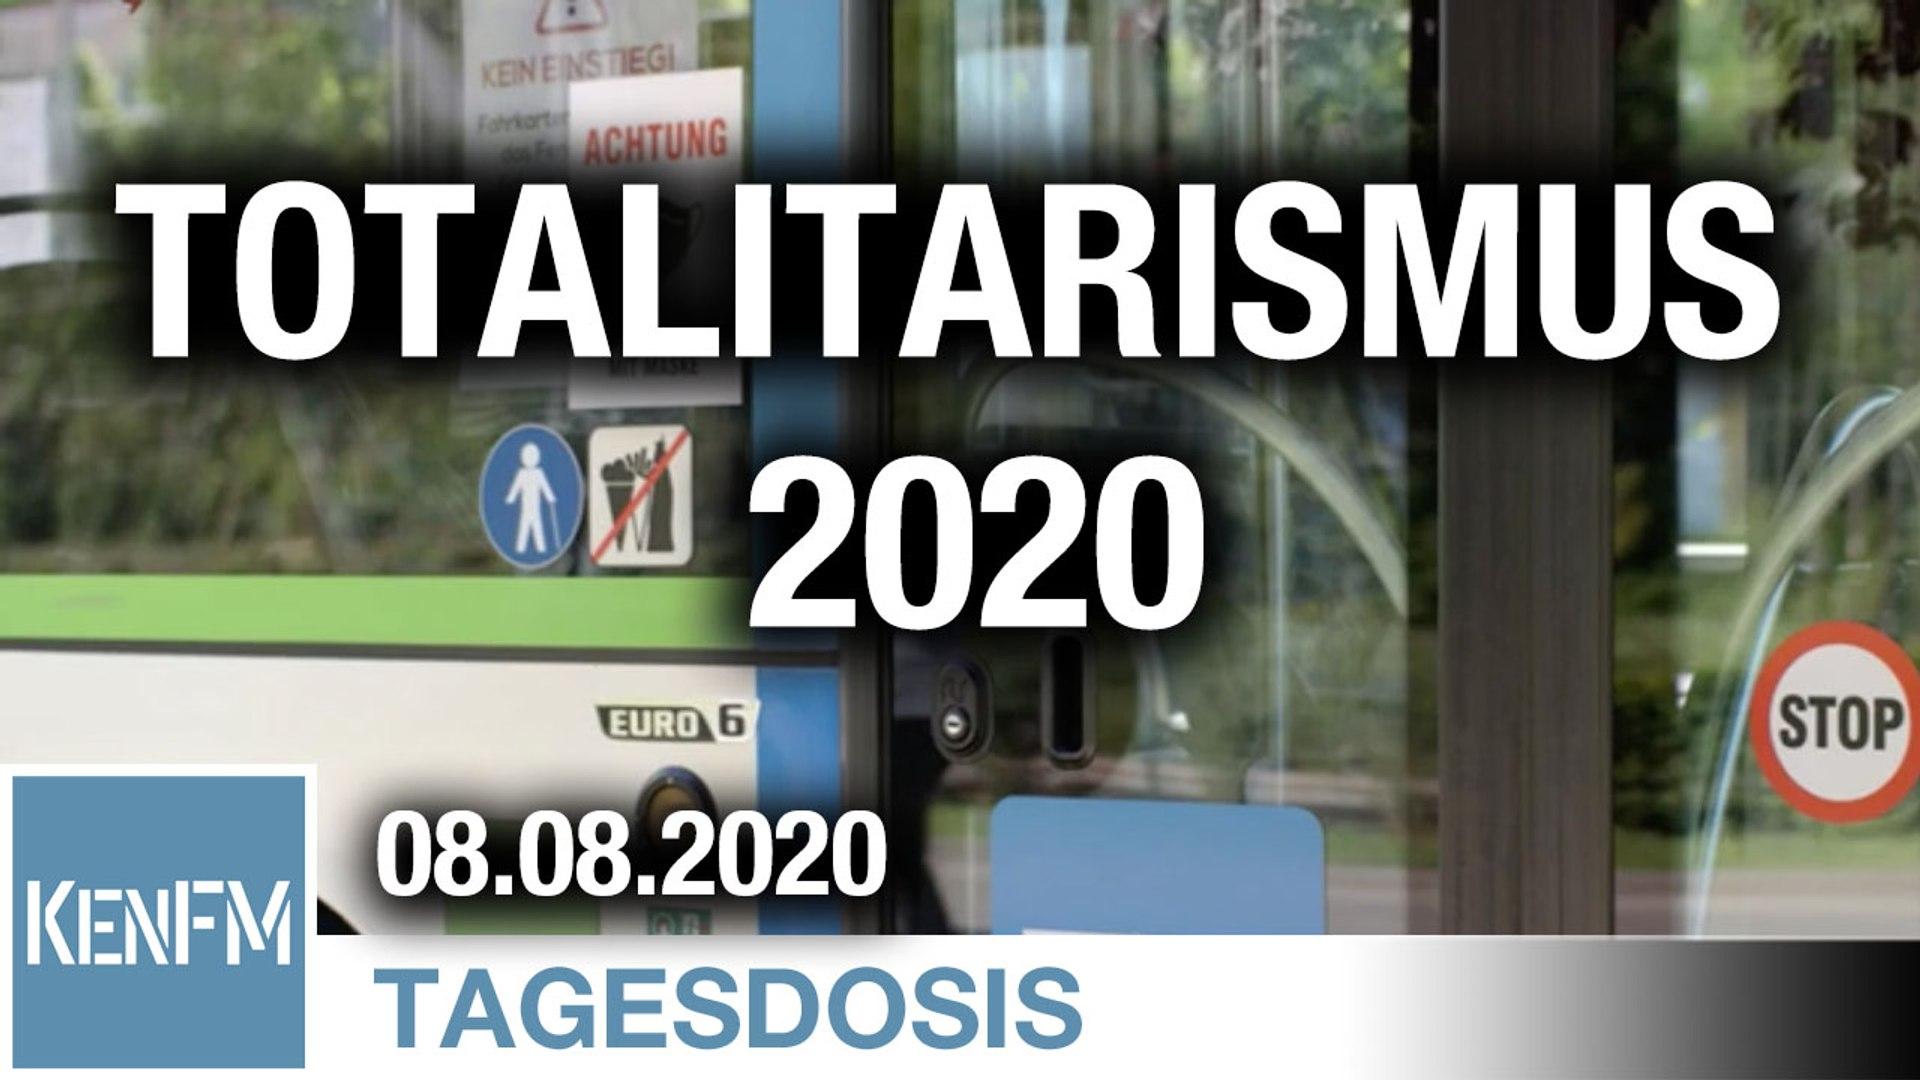 Totalitarismus 2020: Nötigungen, Bevormundung, Einschränkungen, Berufsverbote, Drohungen | Von Bernh